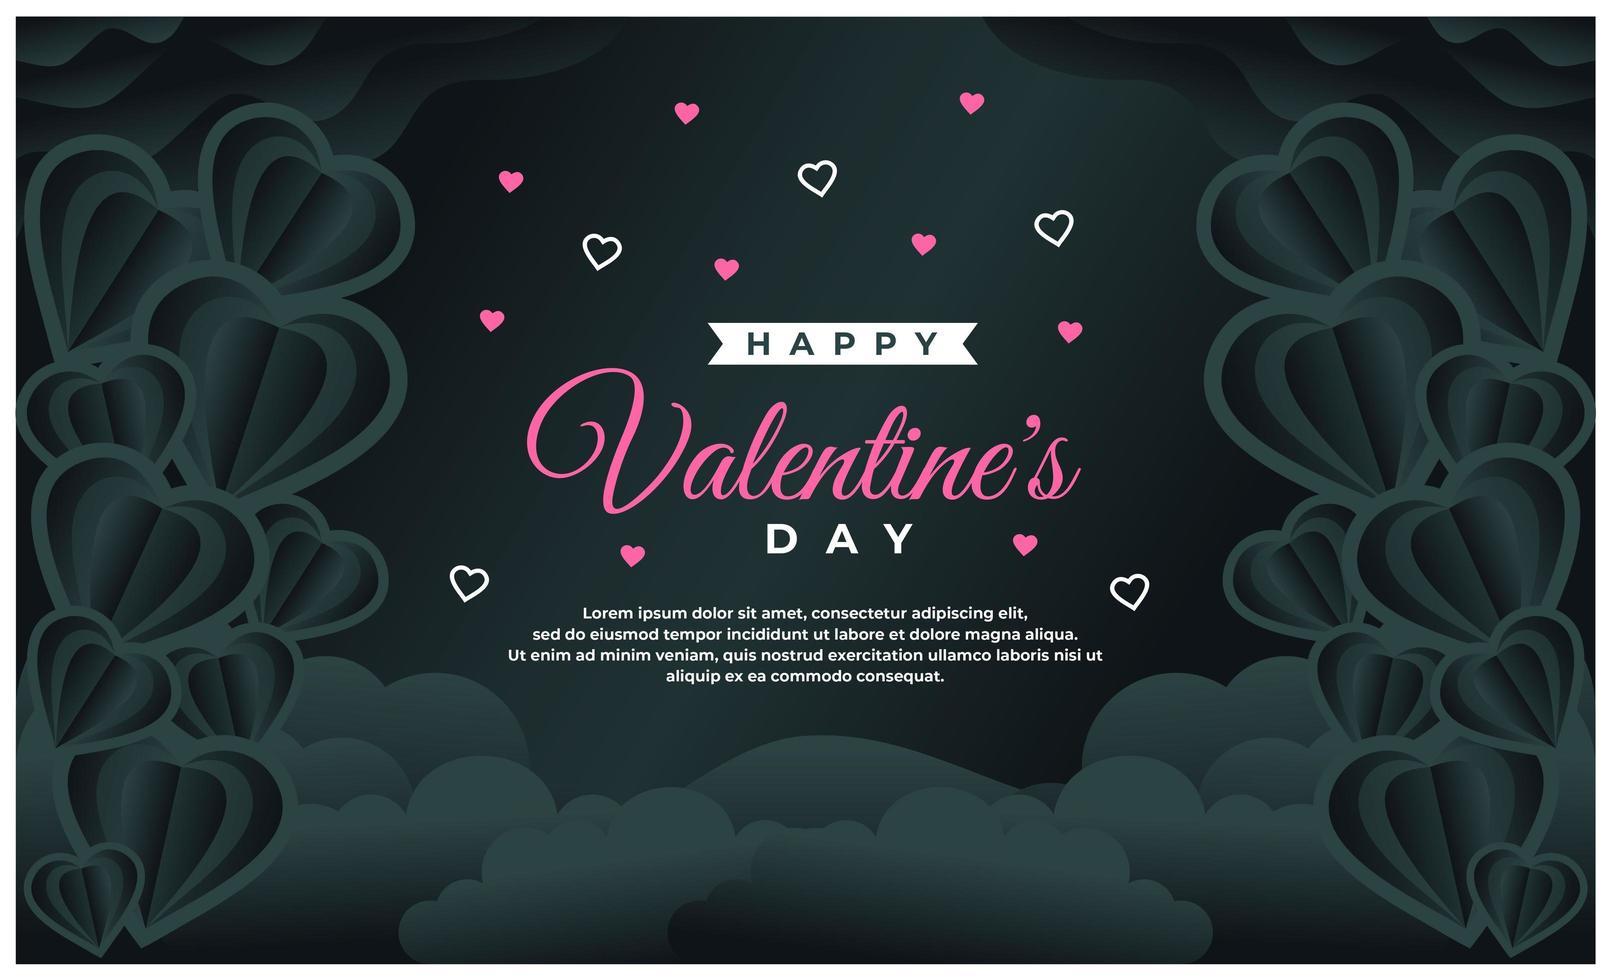 felice modello di banner di san valentino con sfondo scuro vettore